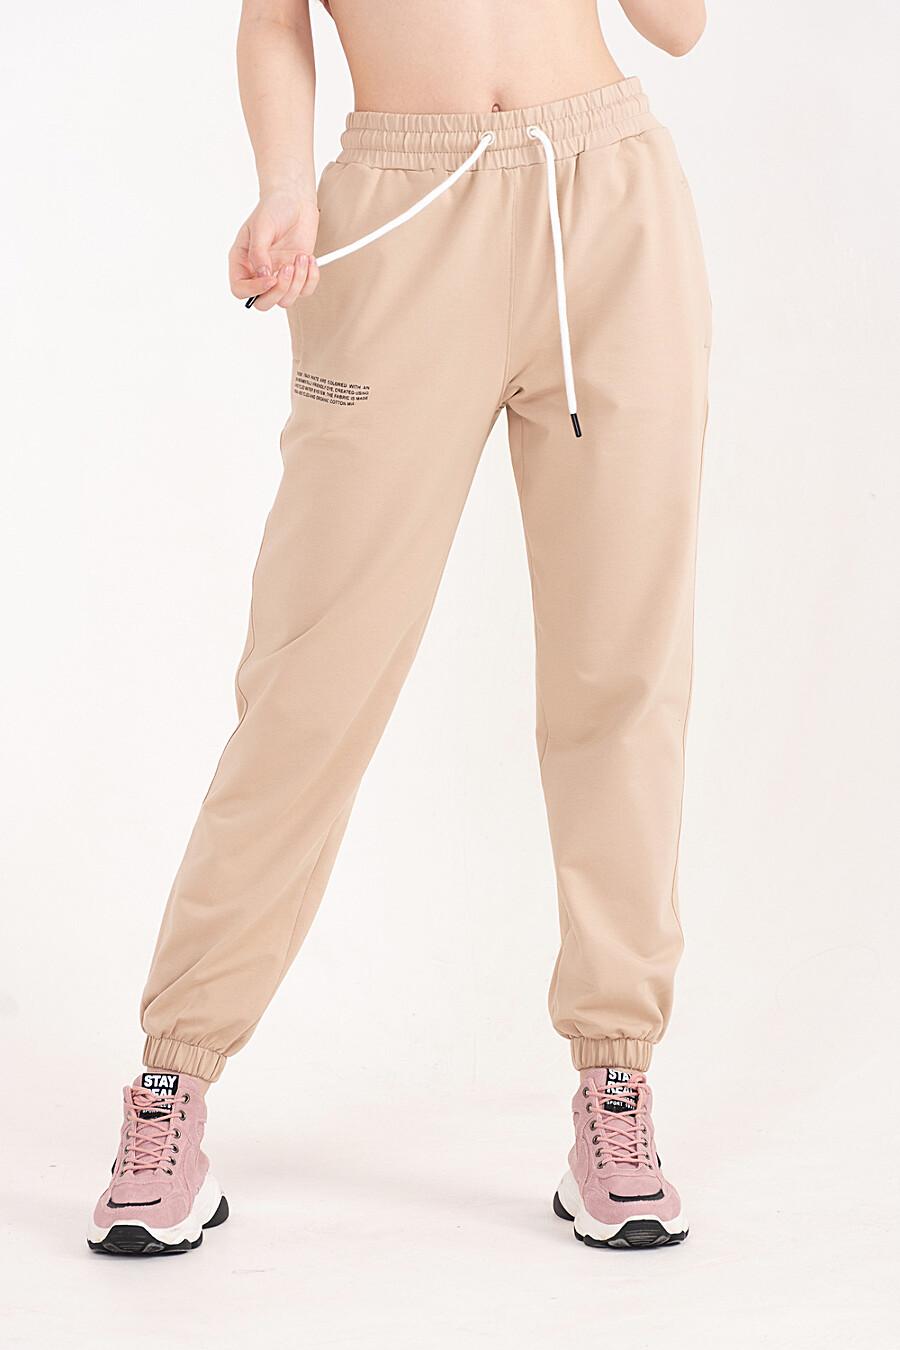 Брюки 16062 для женщин НАТАЛИ 649272 купить оптом от производителя. Совместная покупка женской одежды в OptMoyo